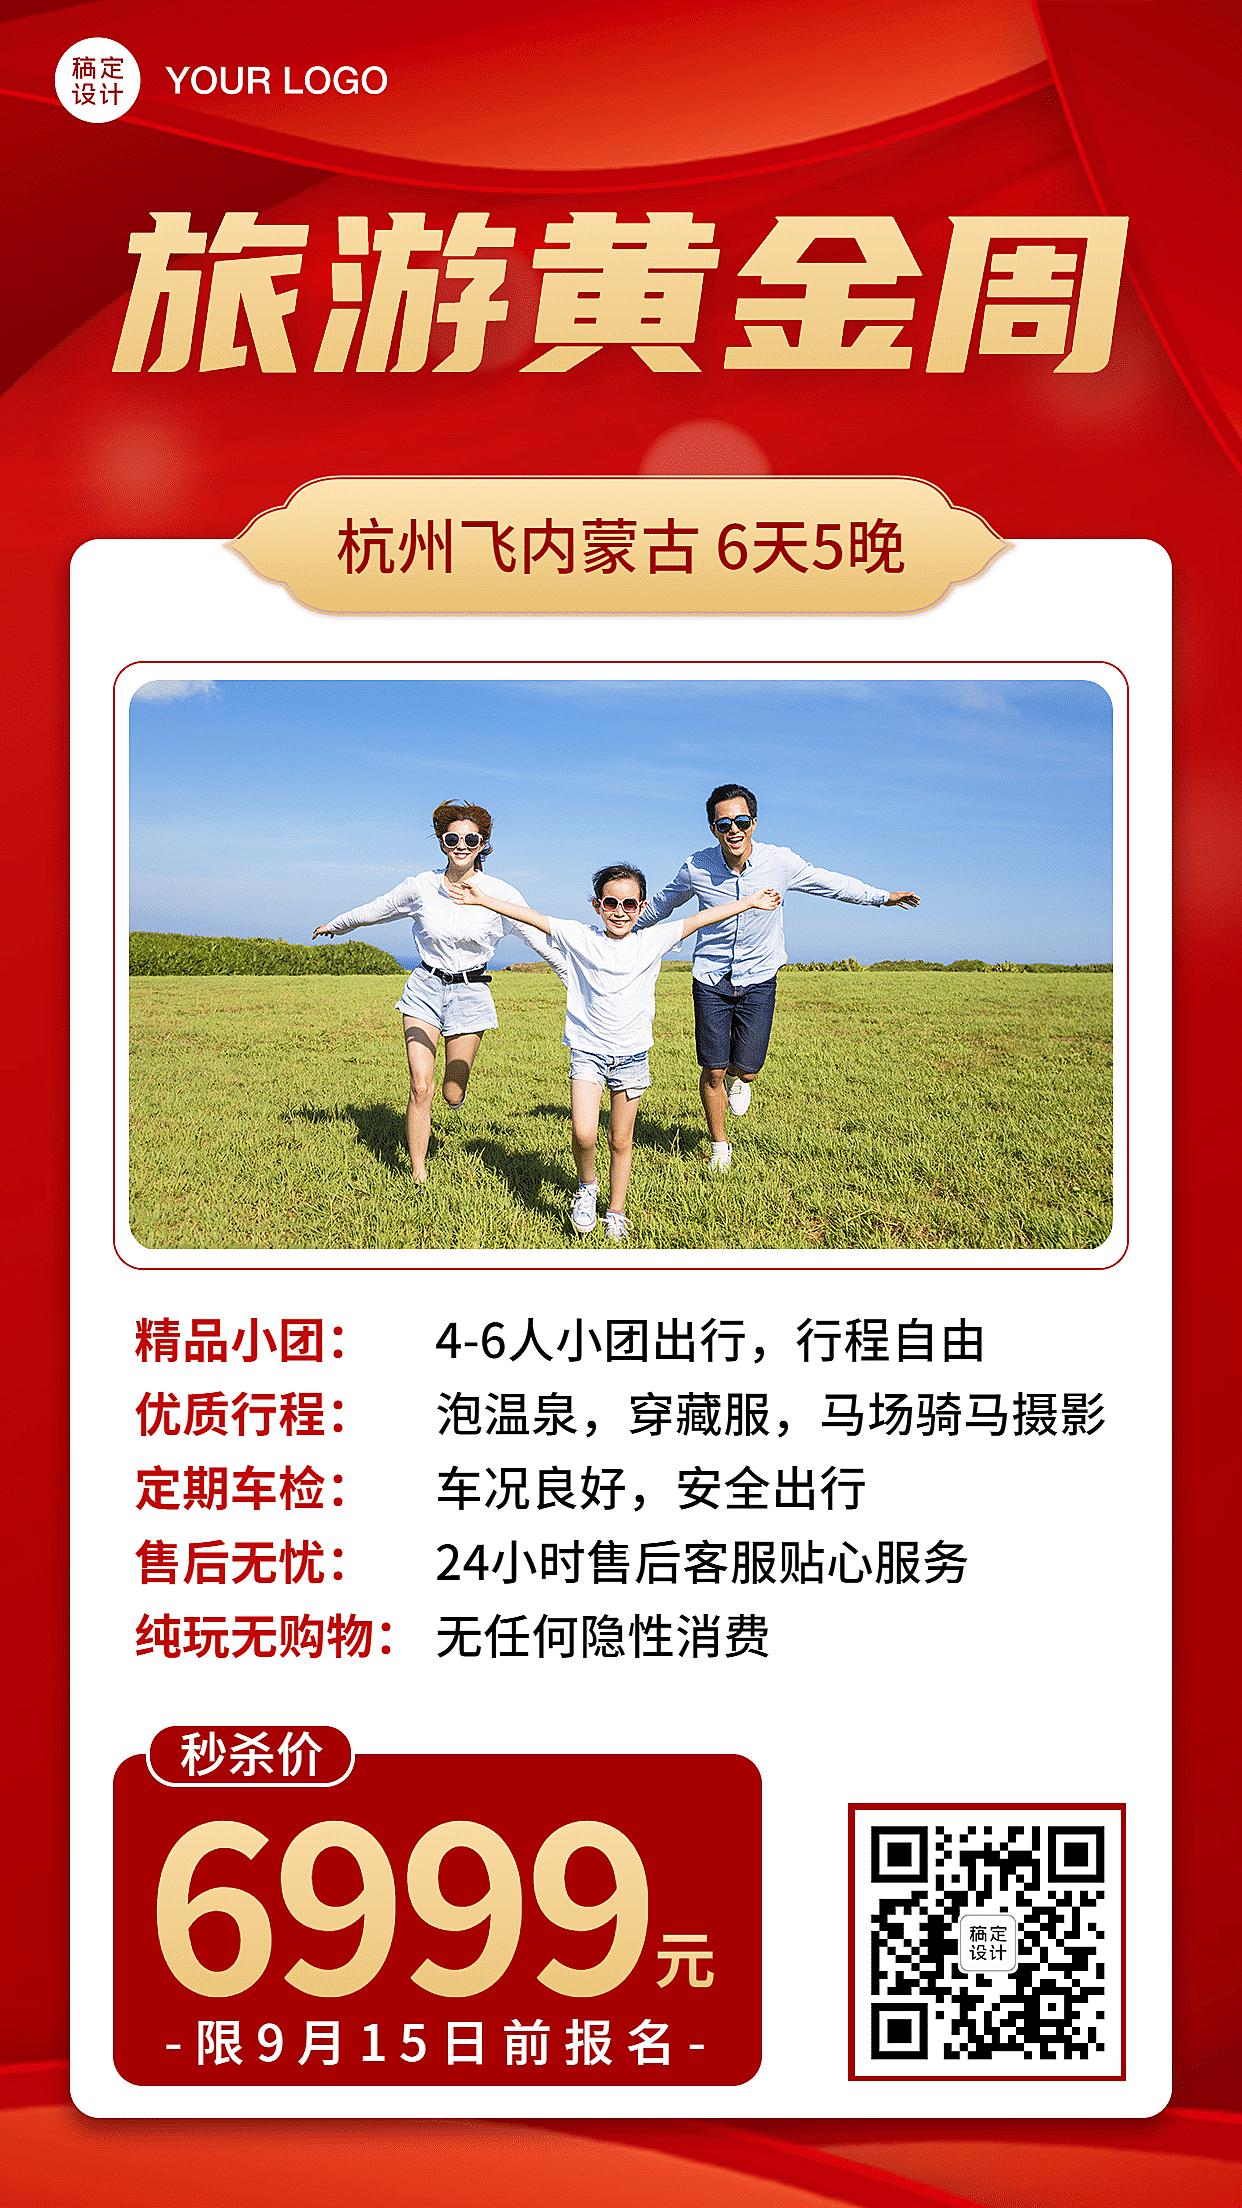 十一旅游黄金周介绍手机海报